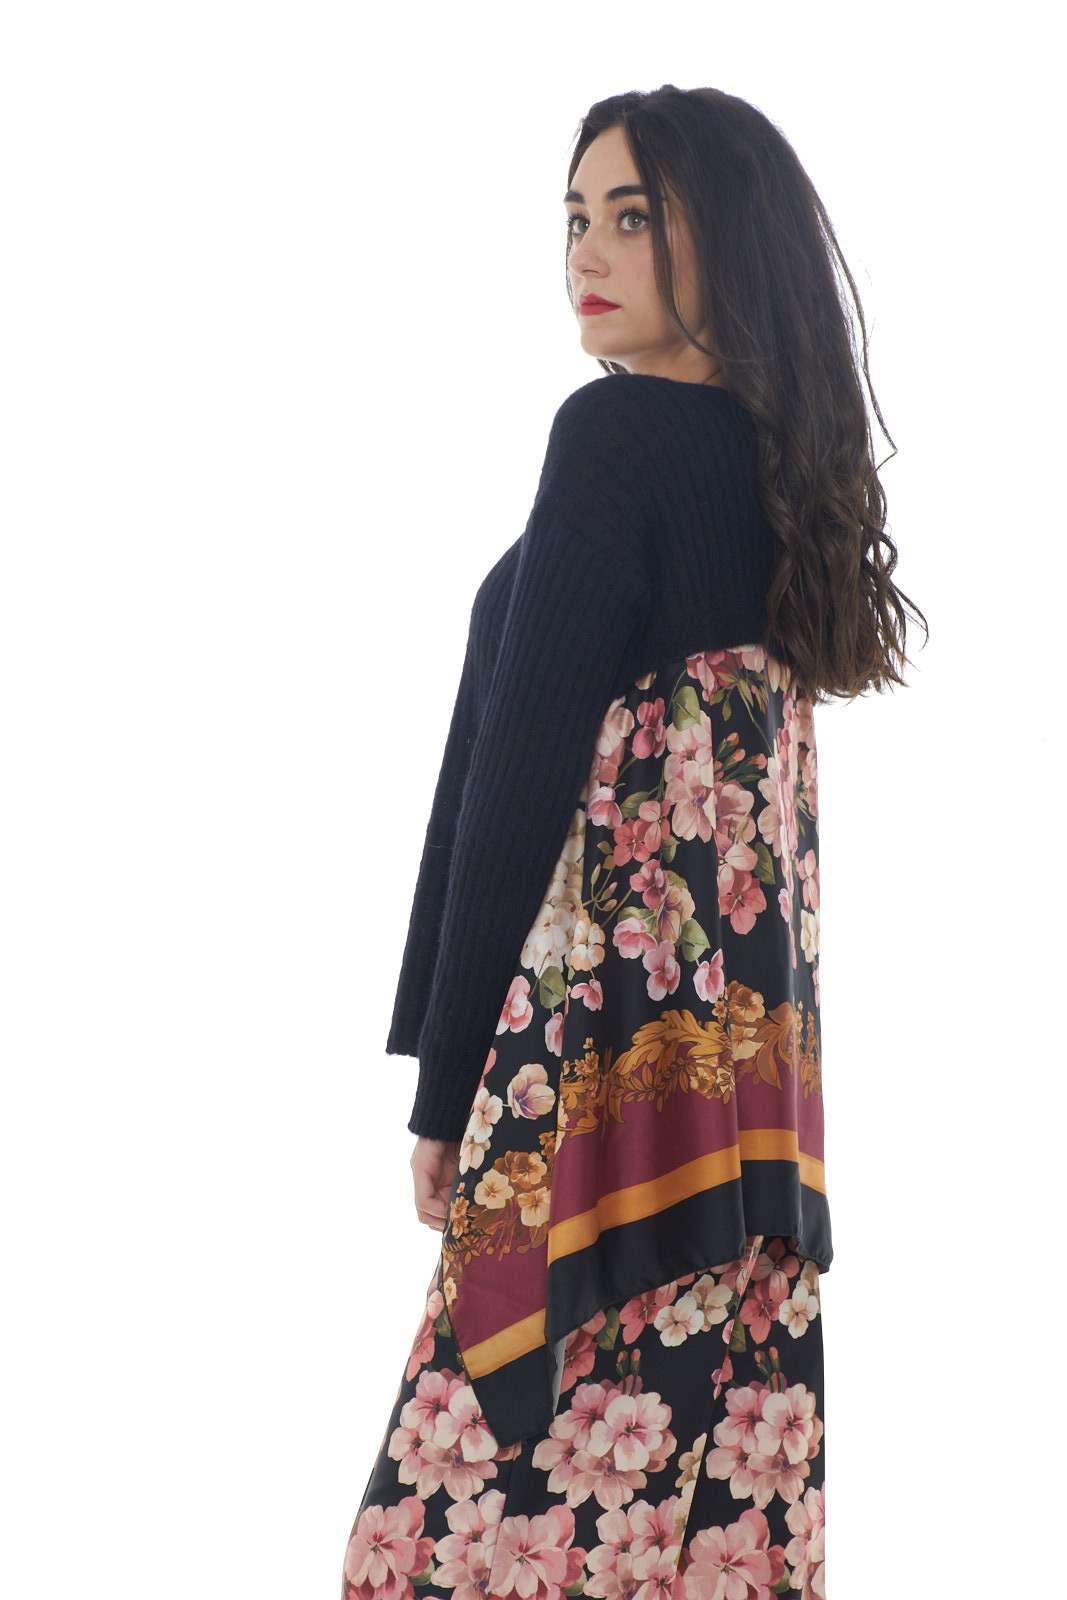 https://www.parmax.com/media/catalog/product/a/i/AI-outlet_parmax-maglia-donna-Twin-Set-192TP3062-B.jpg